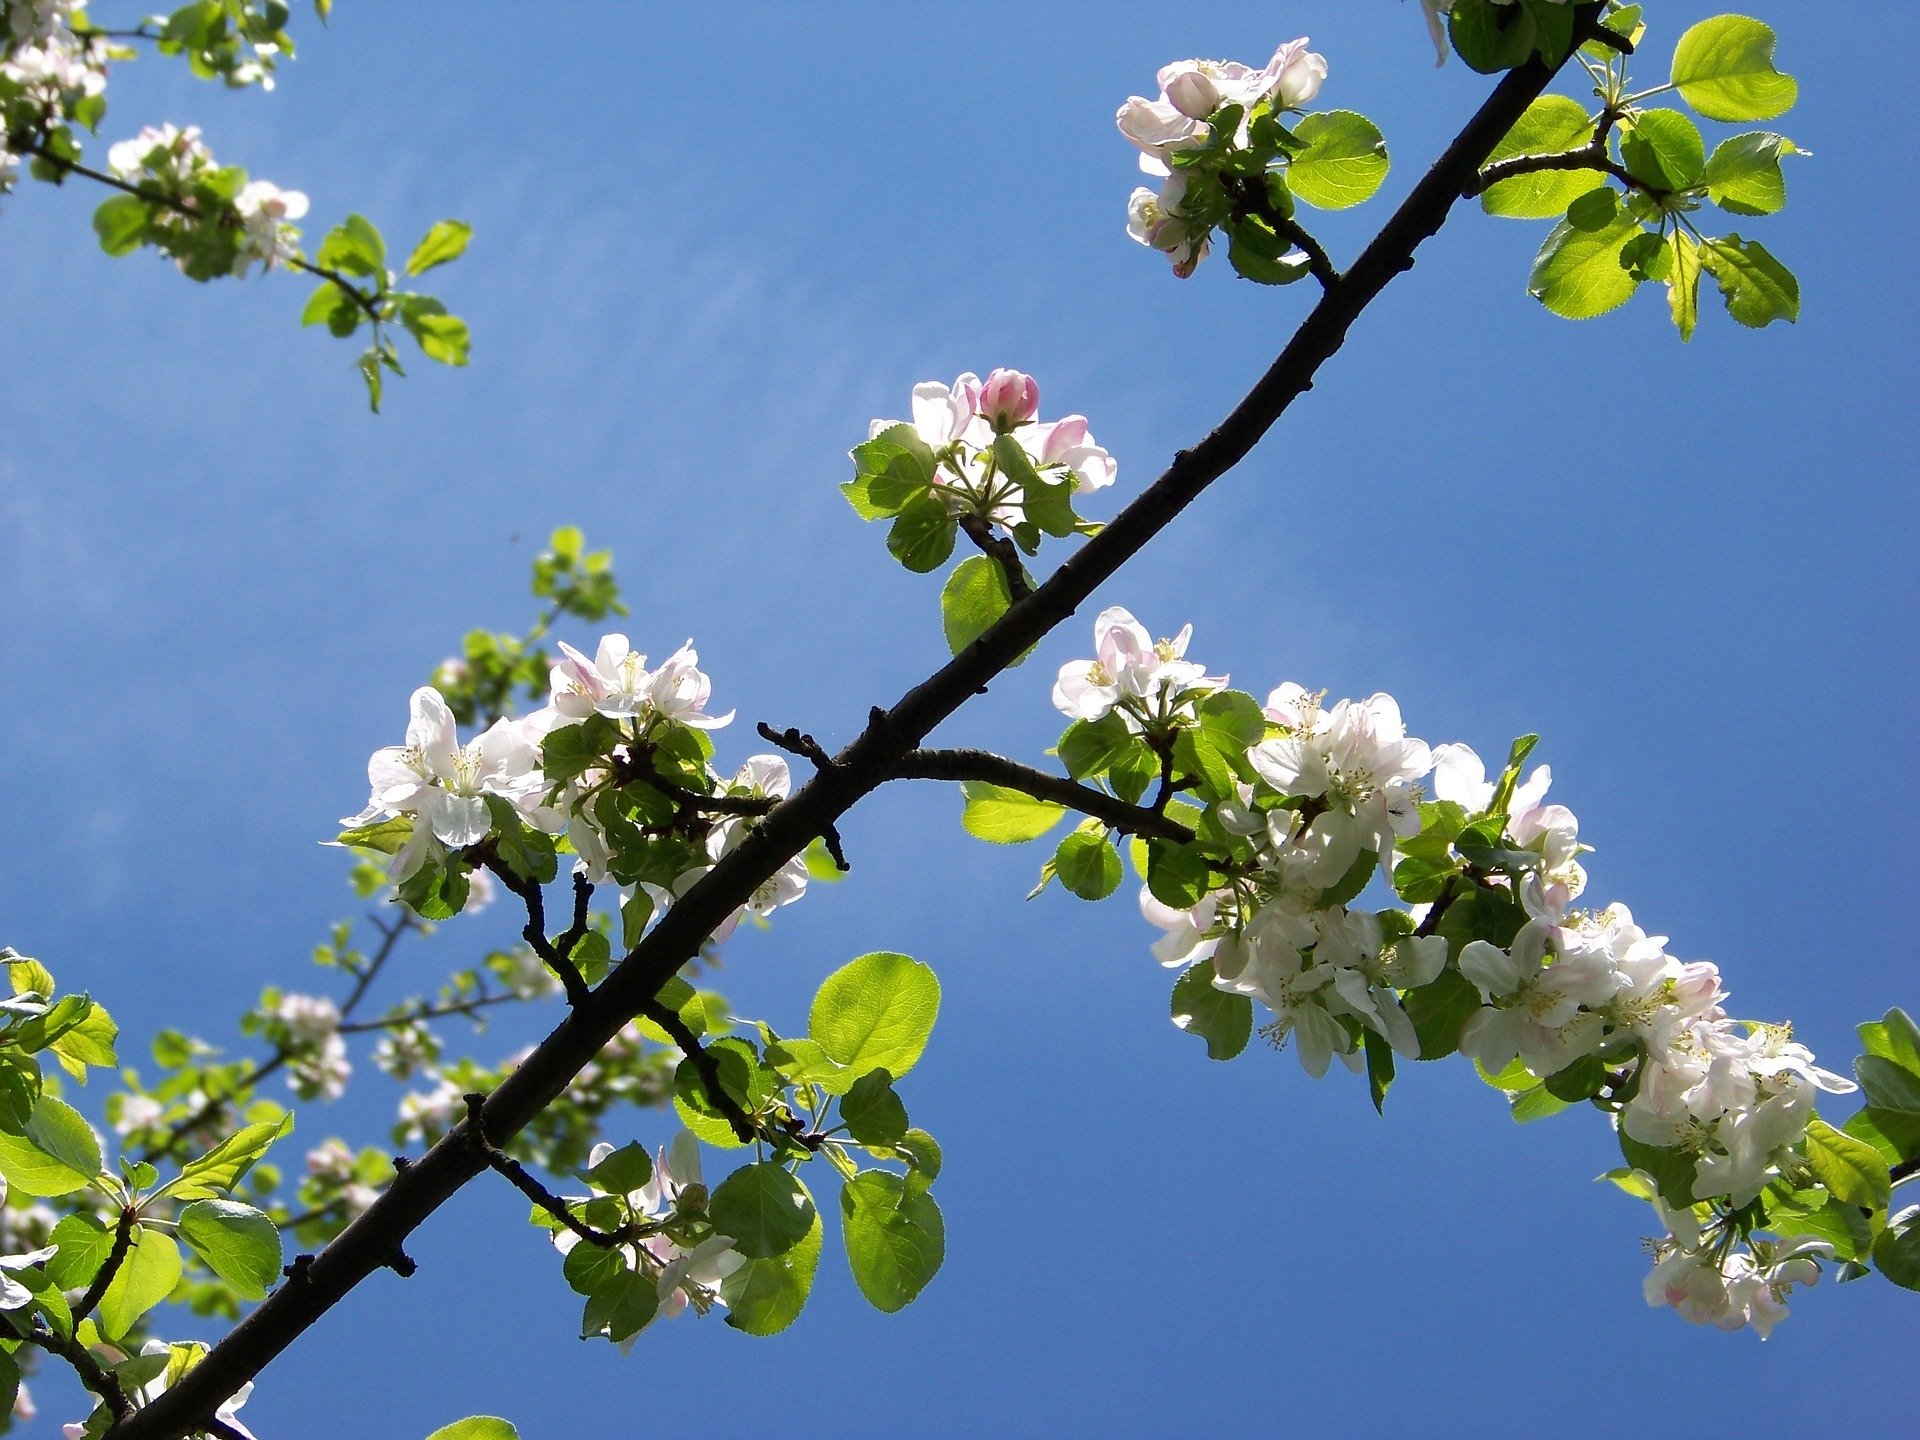 flower-790190_1920